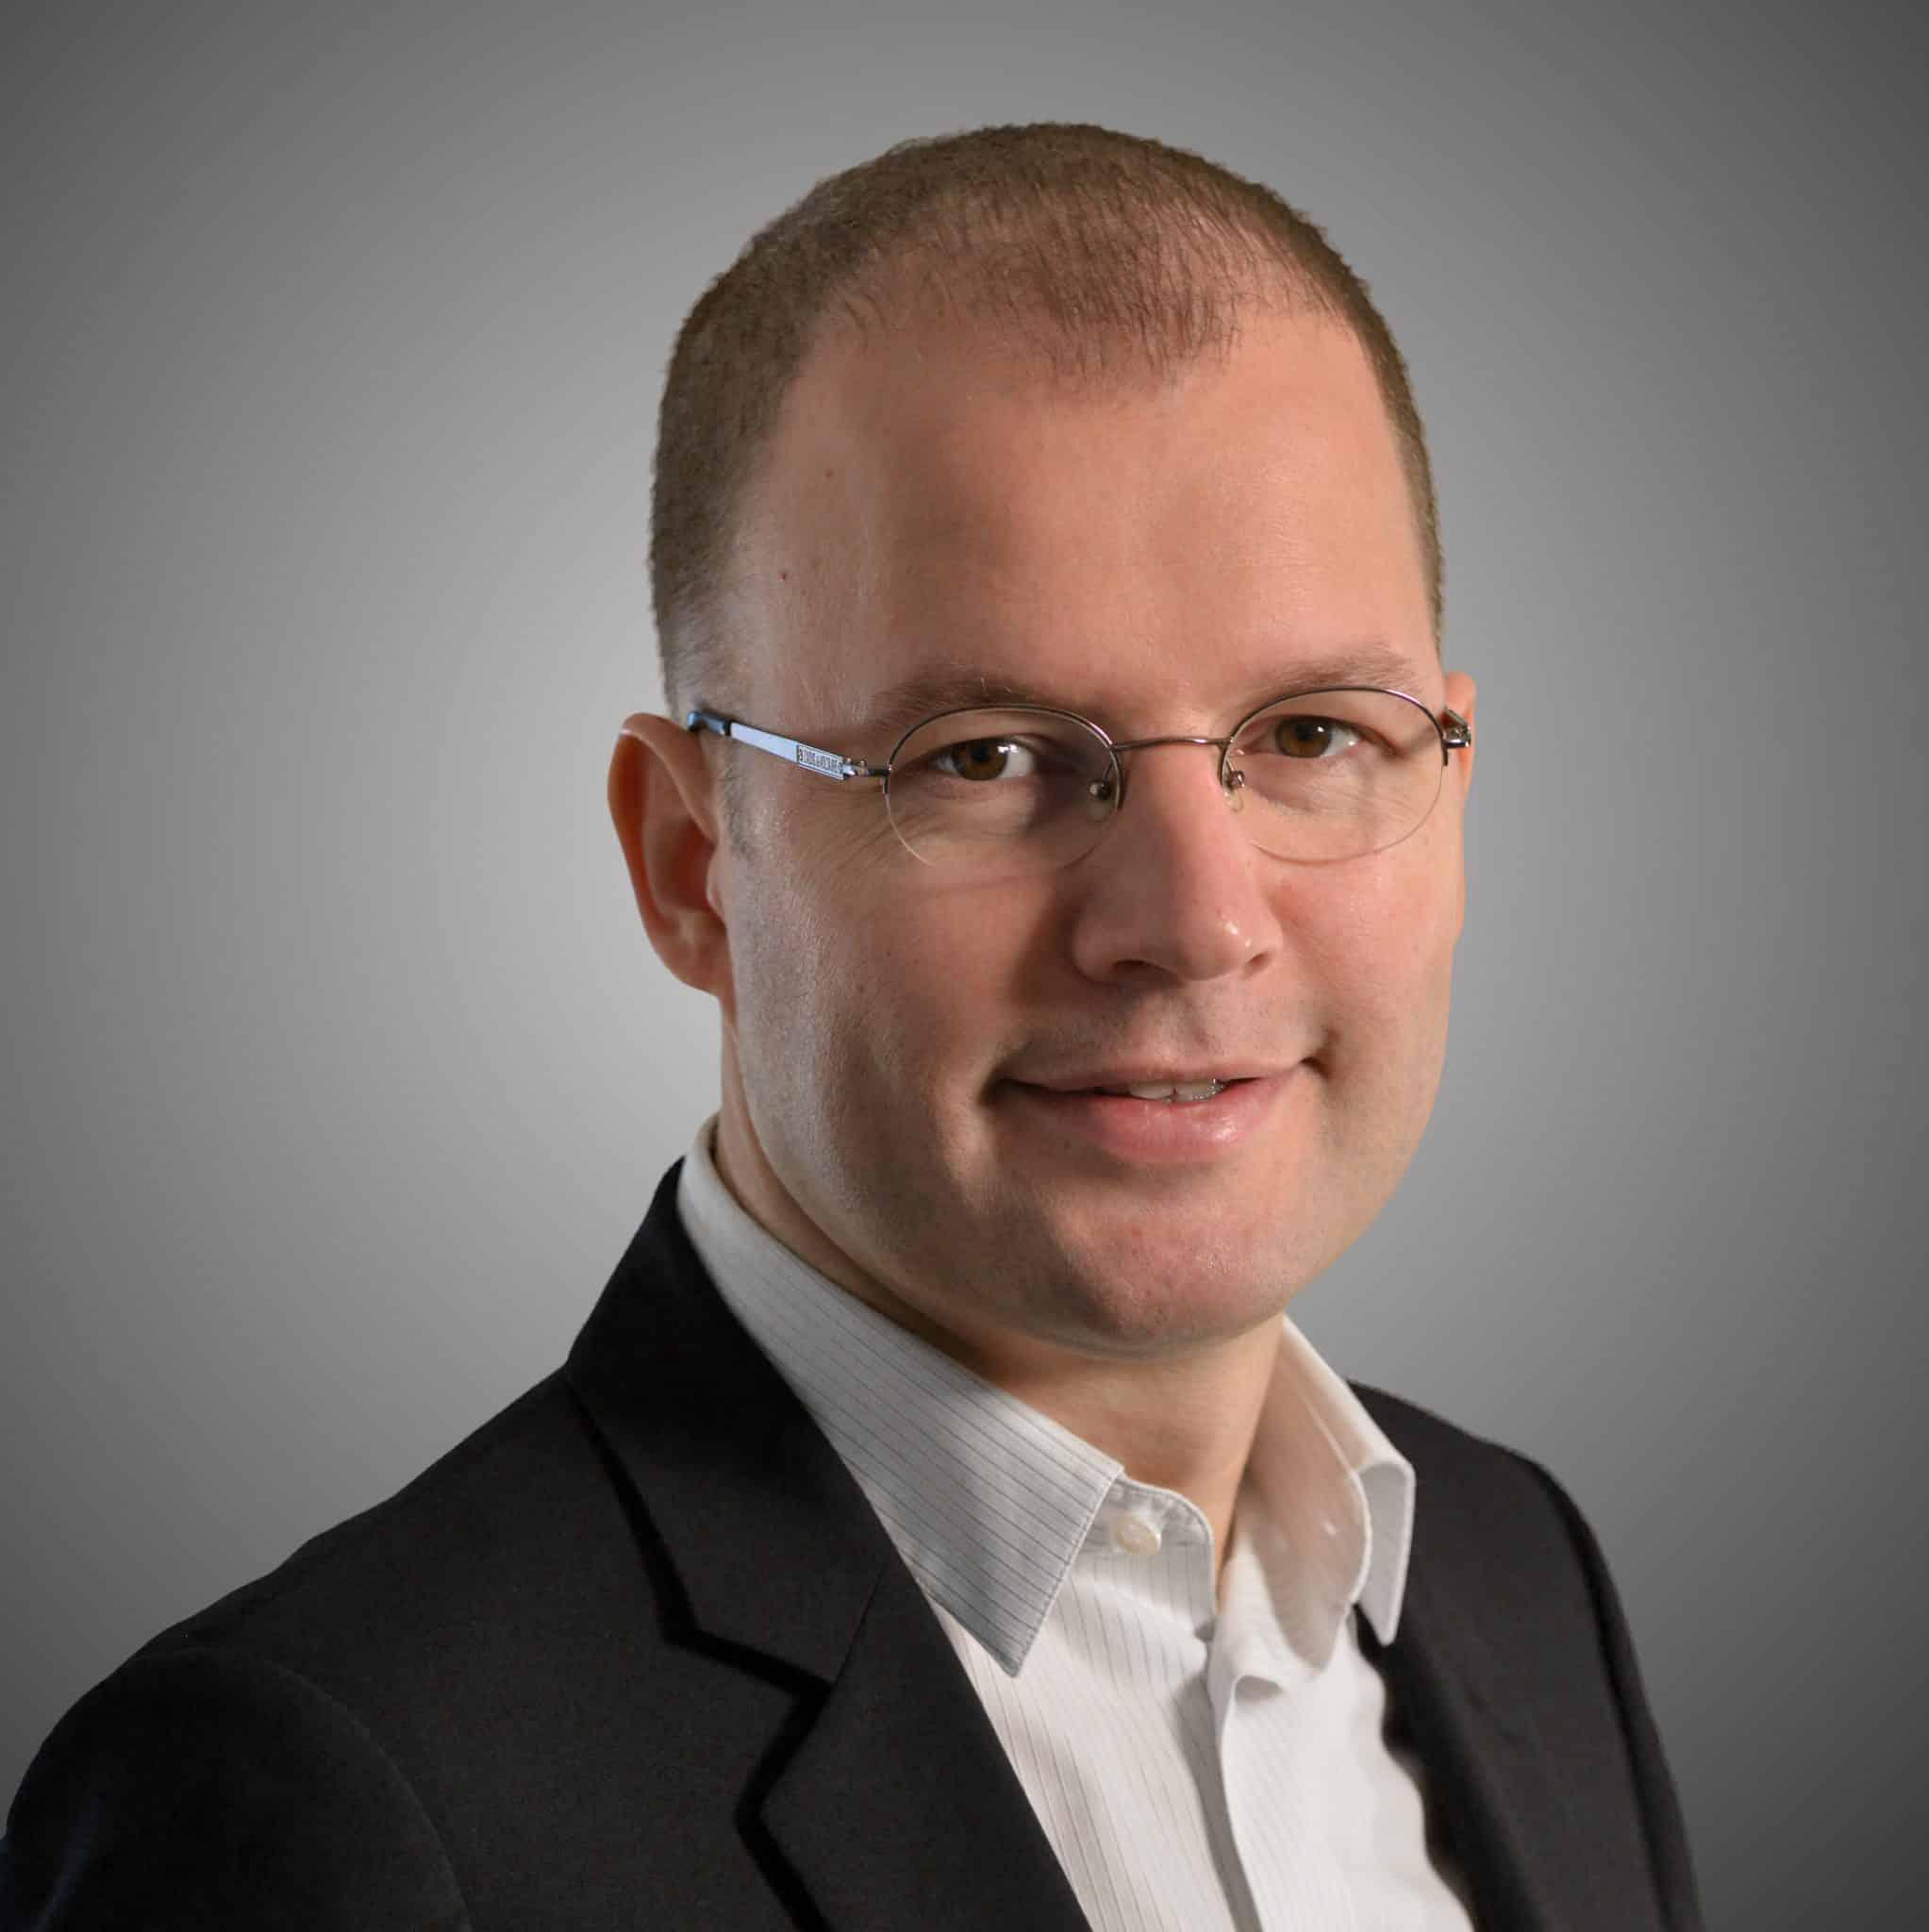 Alexandre Bilger, Sinequa : «Les entreprises qui disposent d'une Digital Workplace efficace peuvent en tirer un avantage concurrentiel»